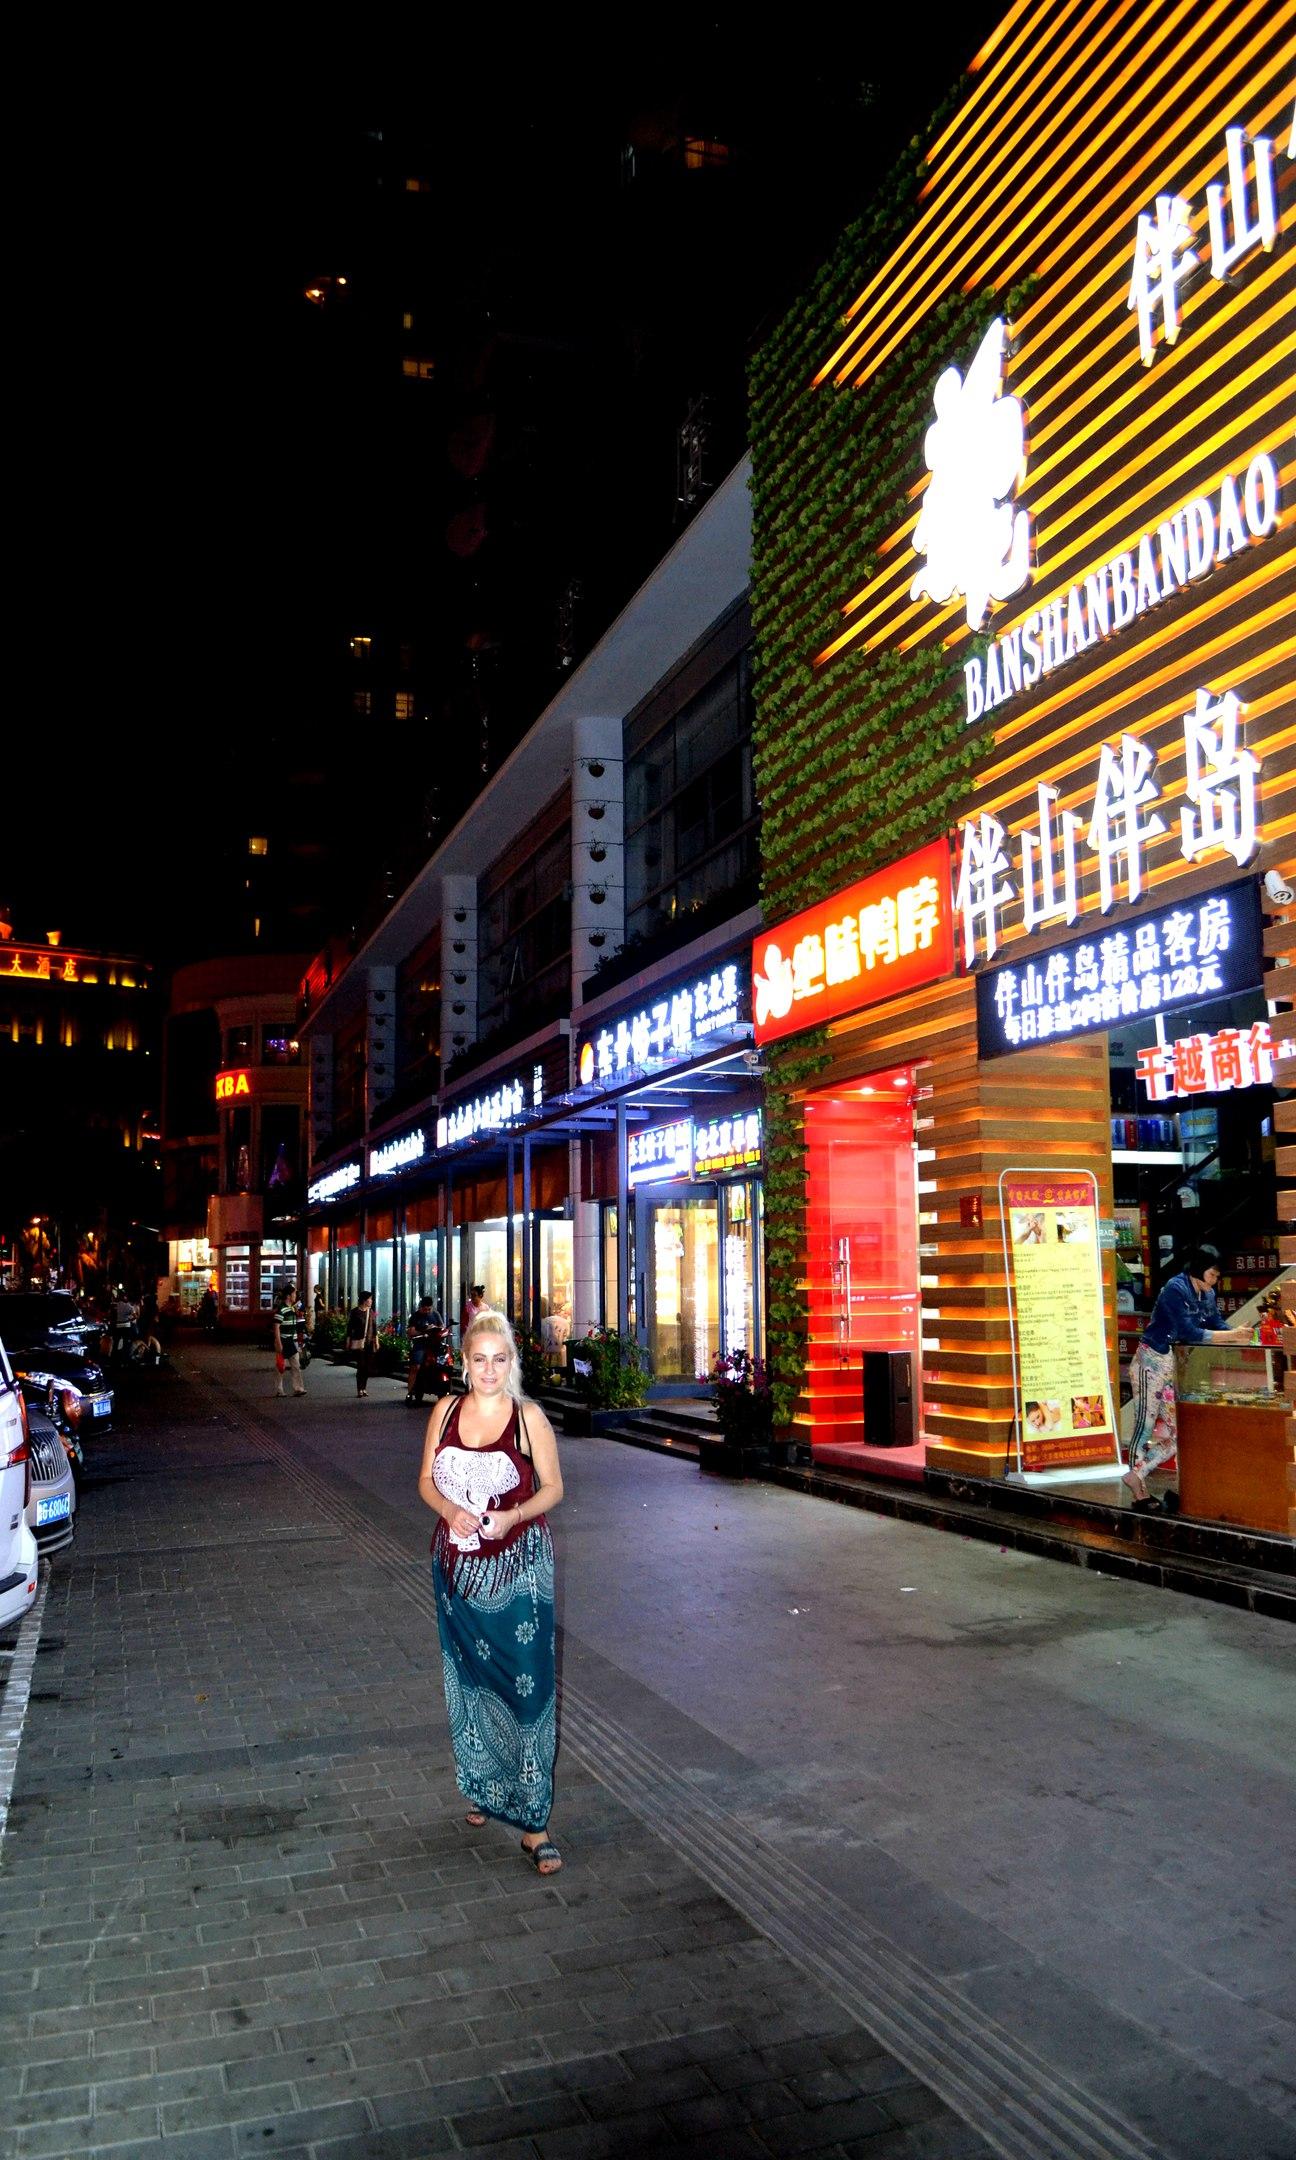 Елена Руденко (Валтея). Китай, о.Хайнань, г.Санья. (фото) - Страница 2 ErRZlAYONO8